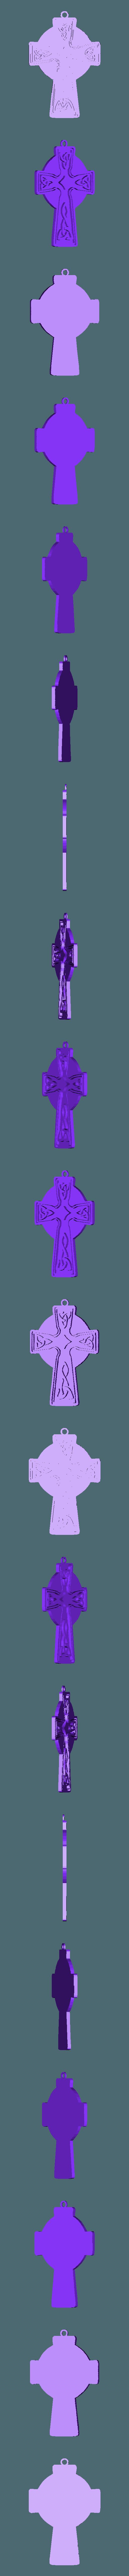 CROIX CELTE modele 3.stl Télécharger fichier STL gratuit Croix celtique modèle 3 • Modèle pour impression 3D, oasisk